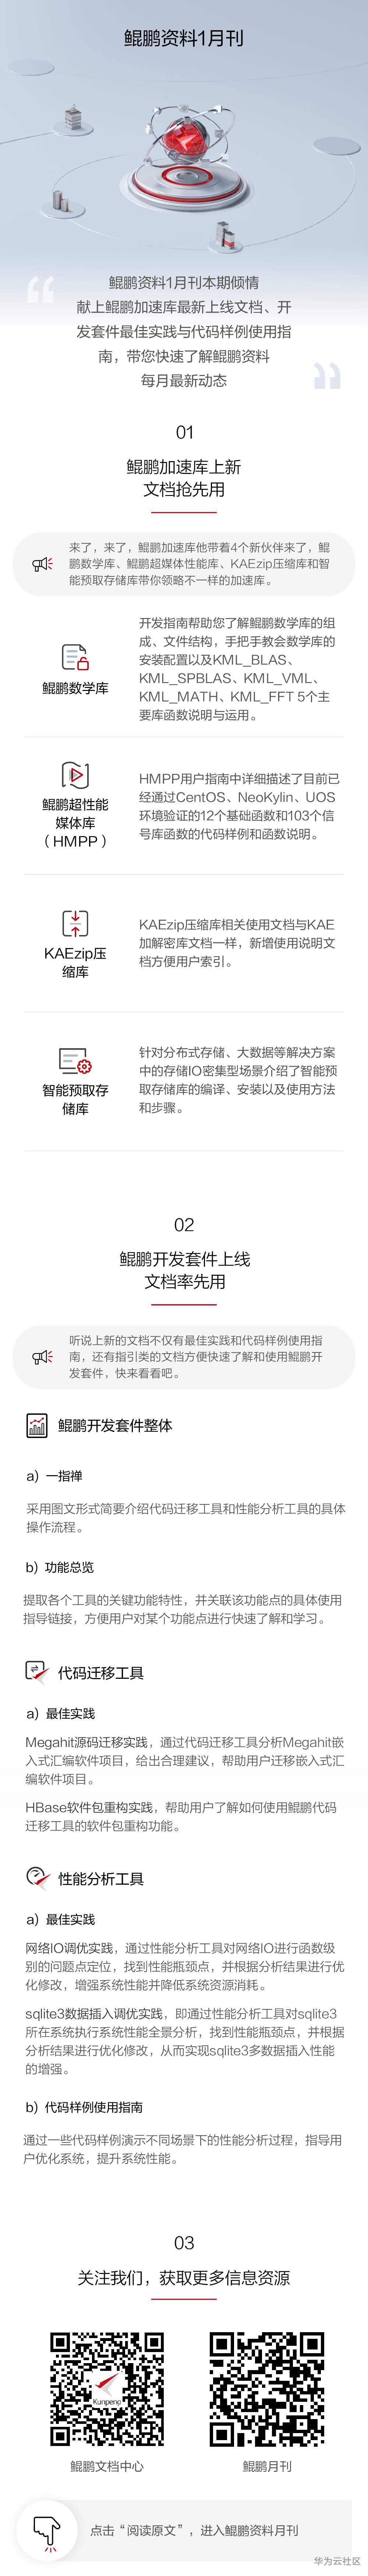 鲲鹏资料1月刊.png